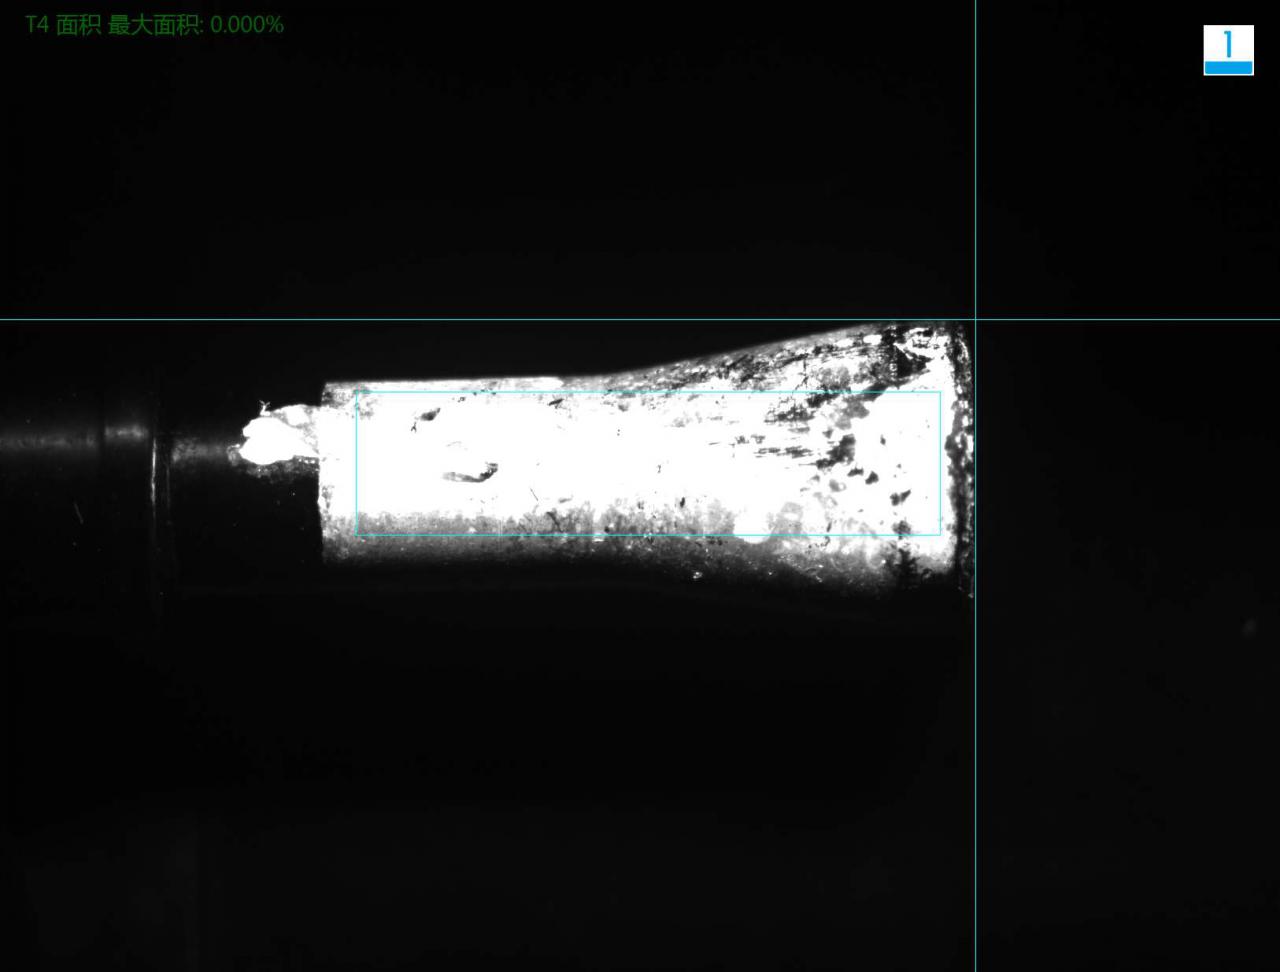 螺杆涂层表面外观瑕疵缺陷视觉自动检测方案-机器视觉_视觉检测设备_3D视觉_缺陷检测